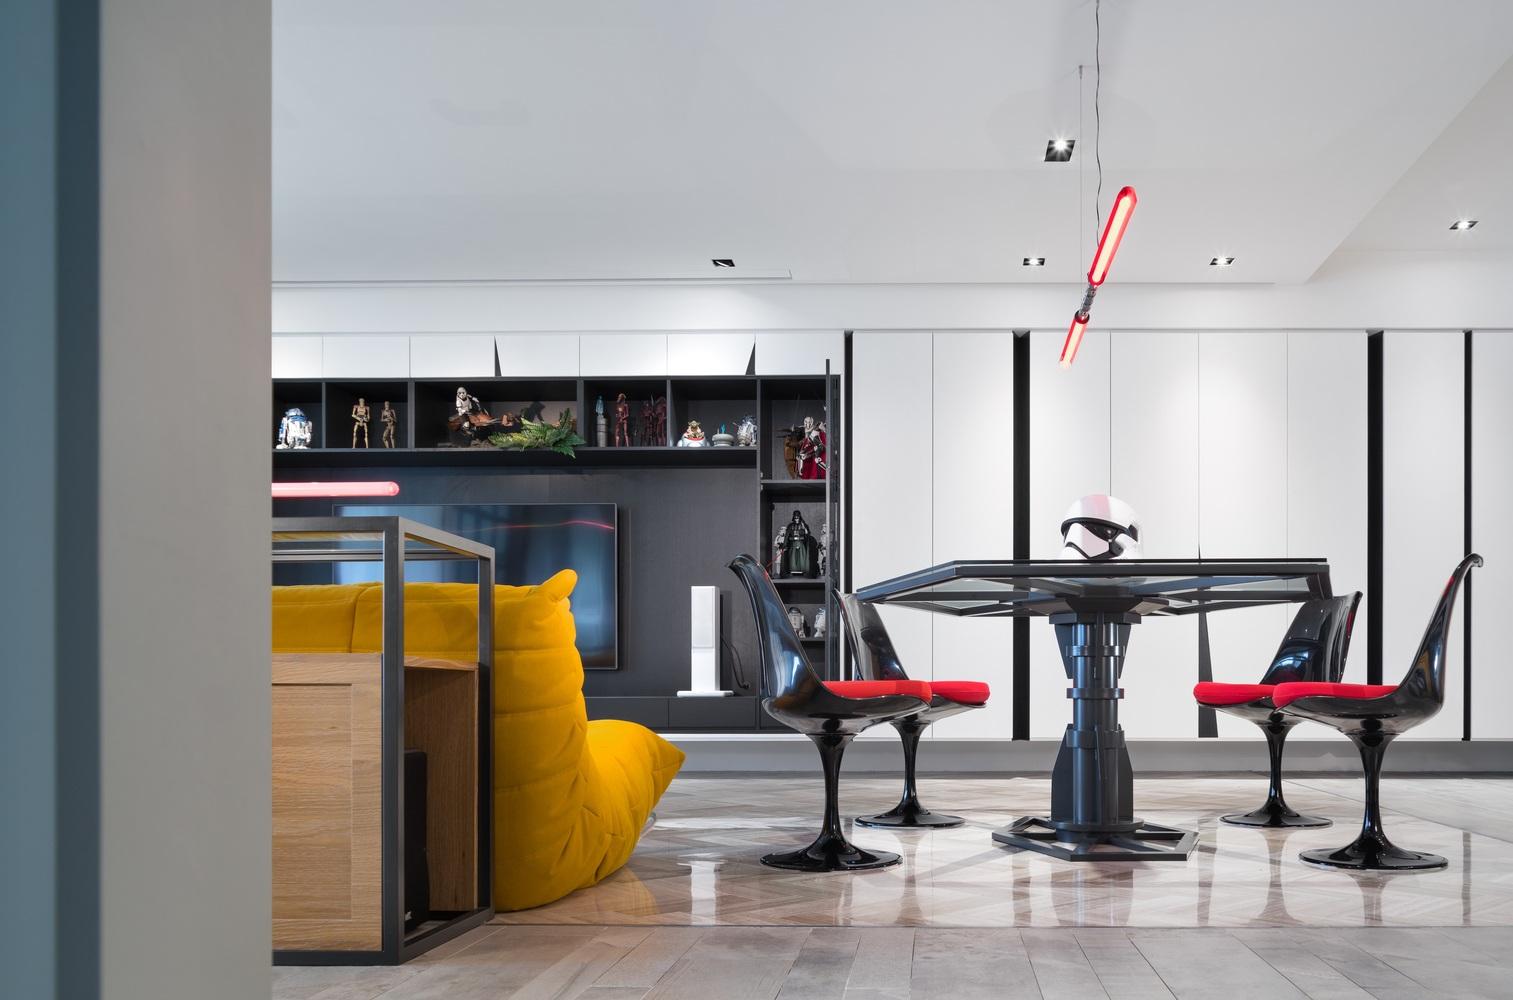 7-star-wars-casa-inspirada-na-saga-surpreende-com-design-sofisticado